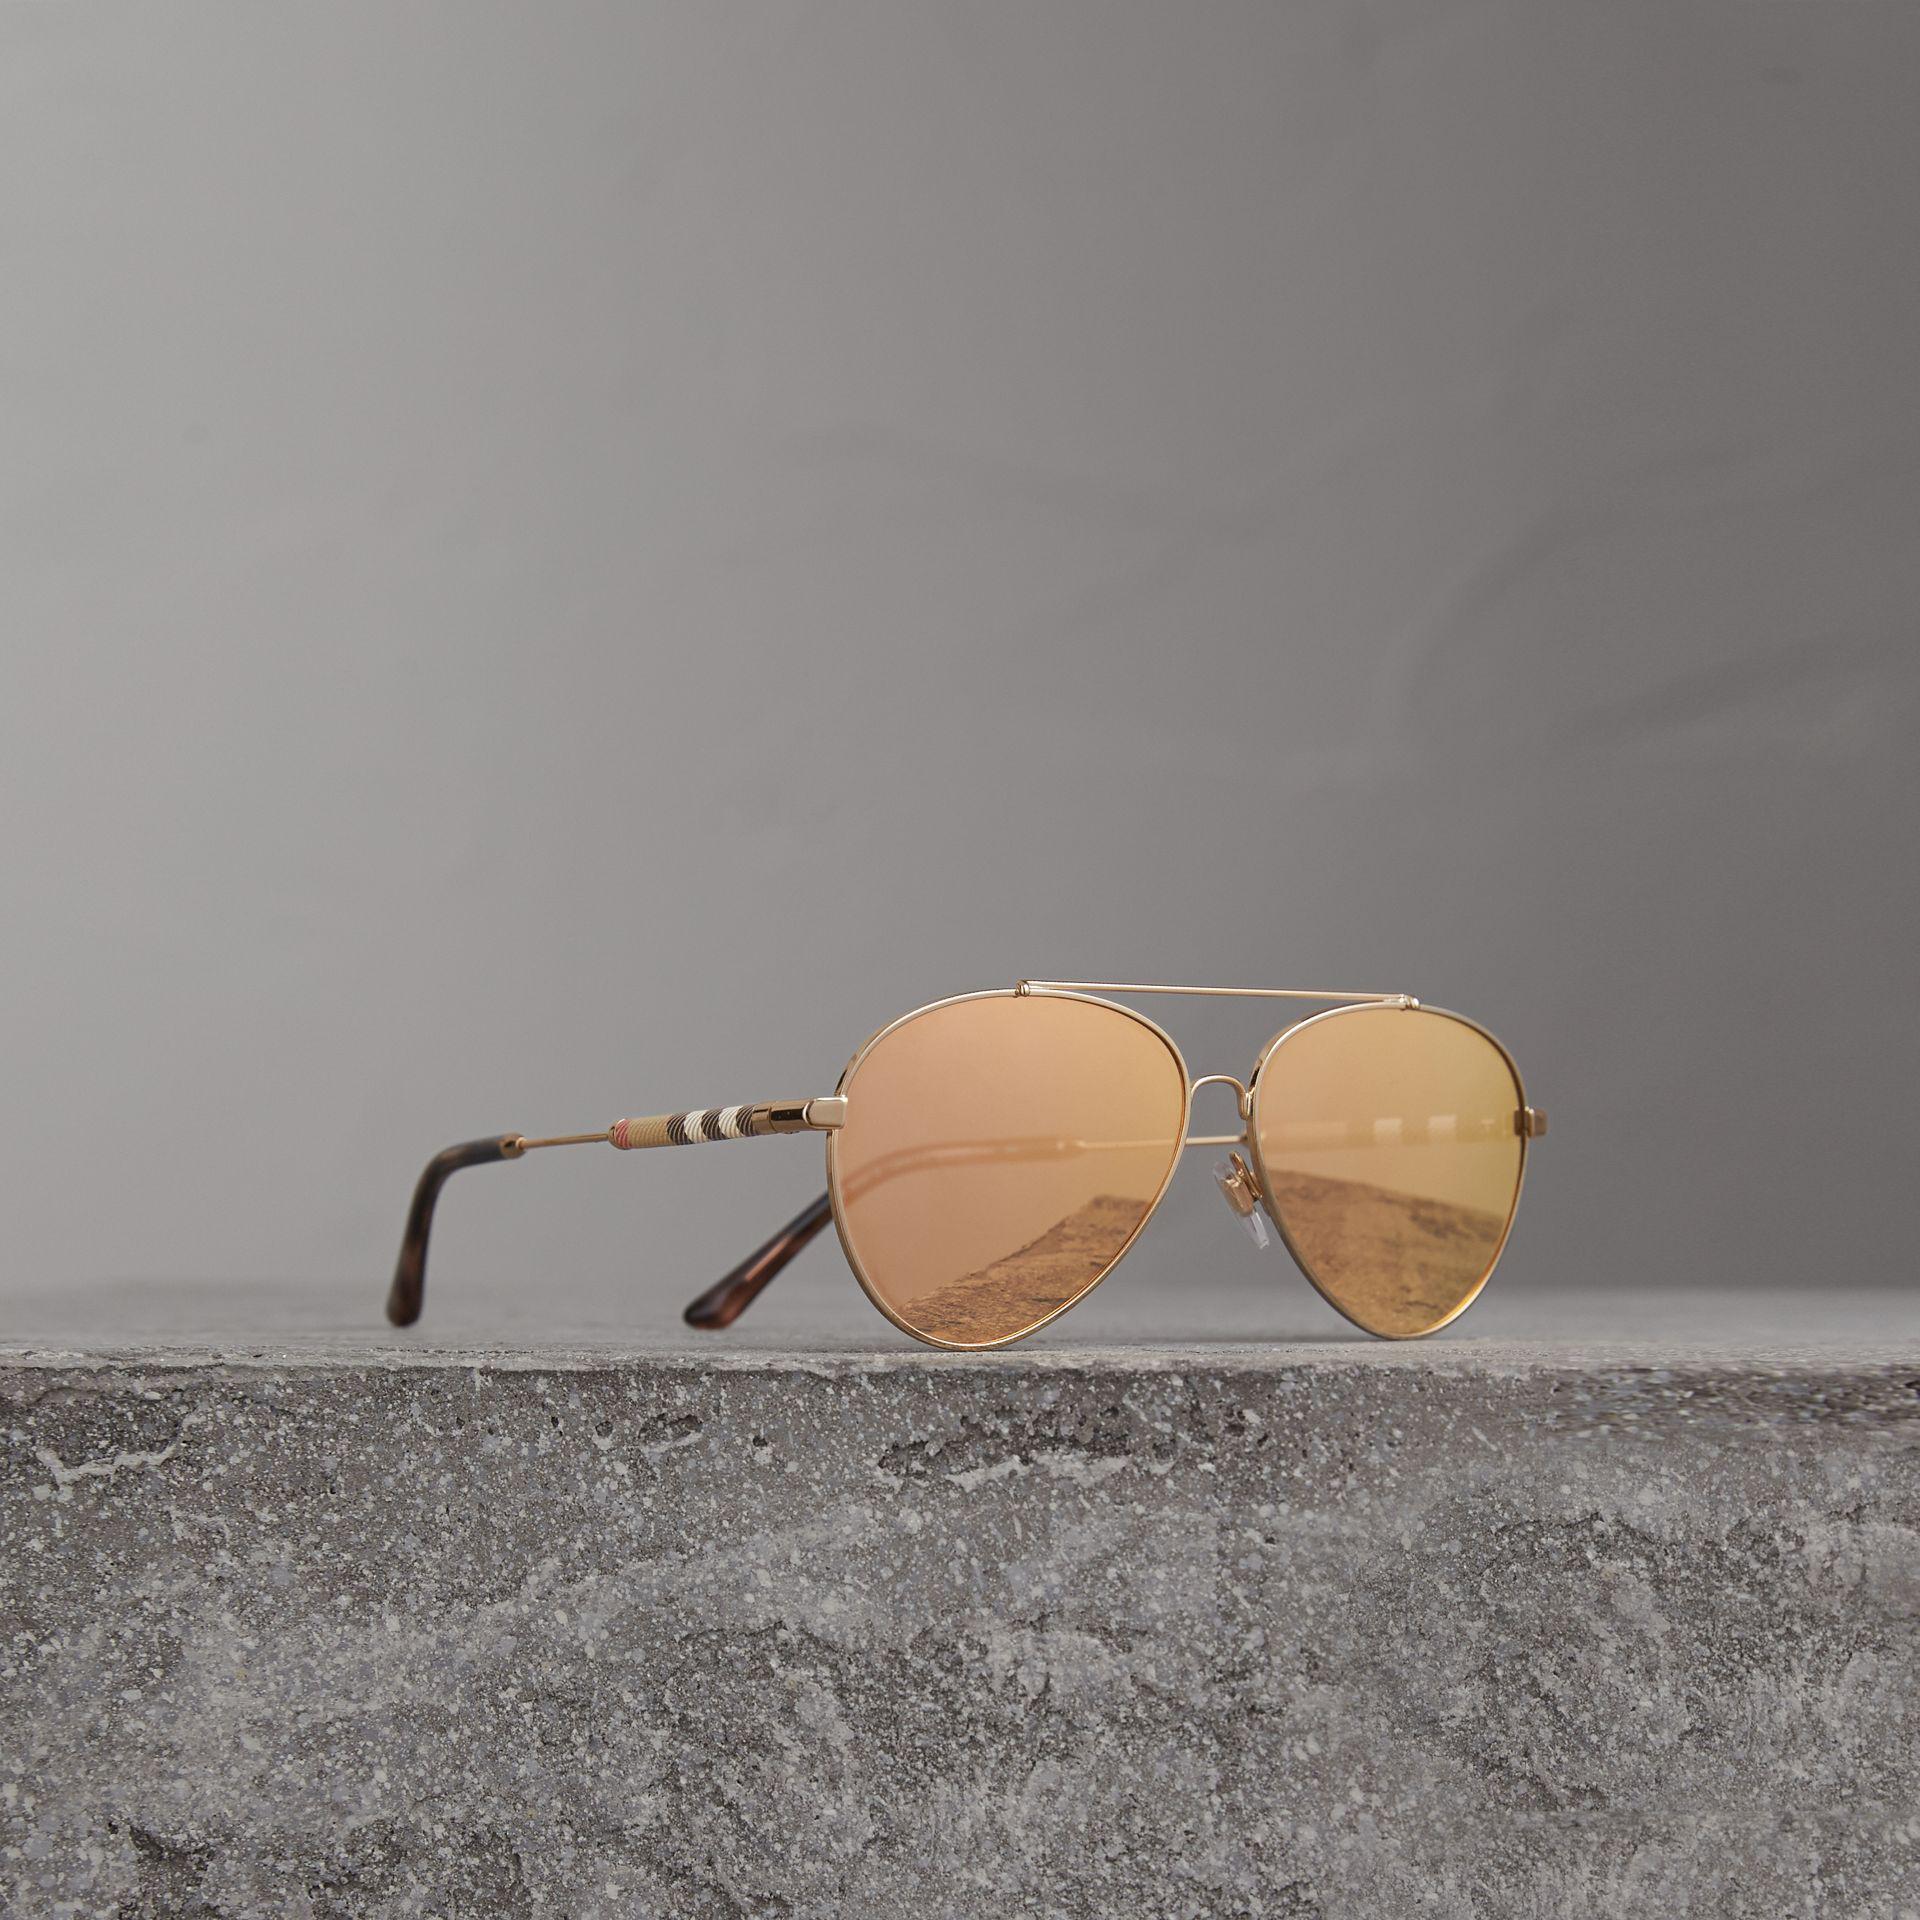 Burberry - Multicolor Lunettes de soleil aviateur miroir avec motif check -  Lyst. Afficher en plein écran a61a17376cb7